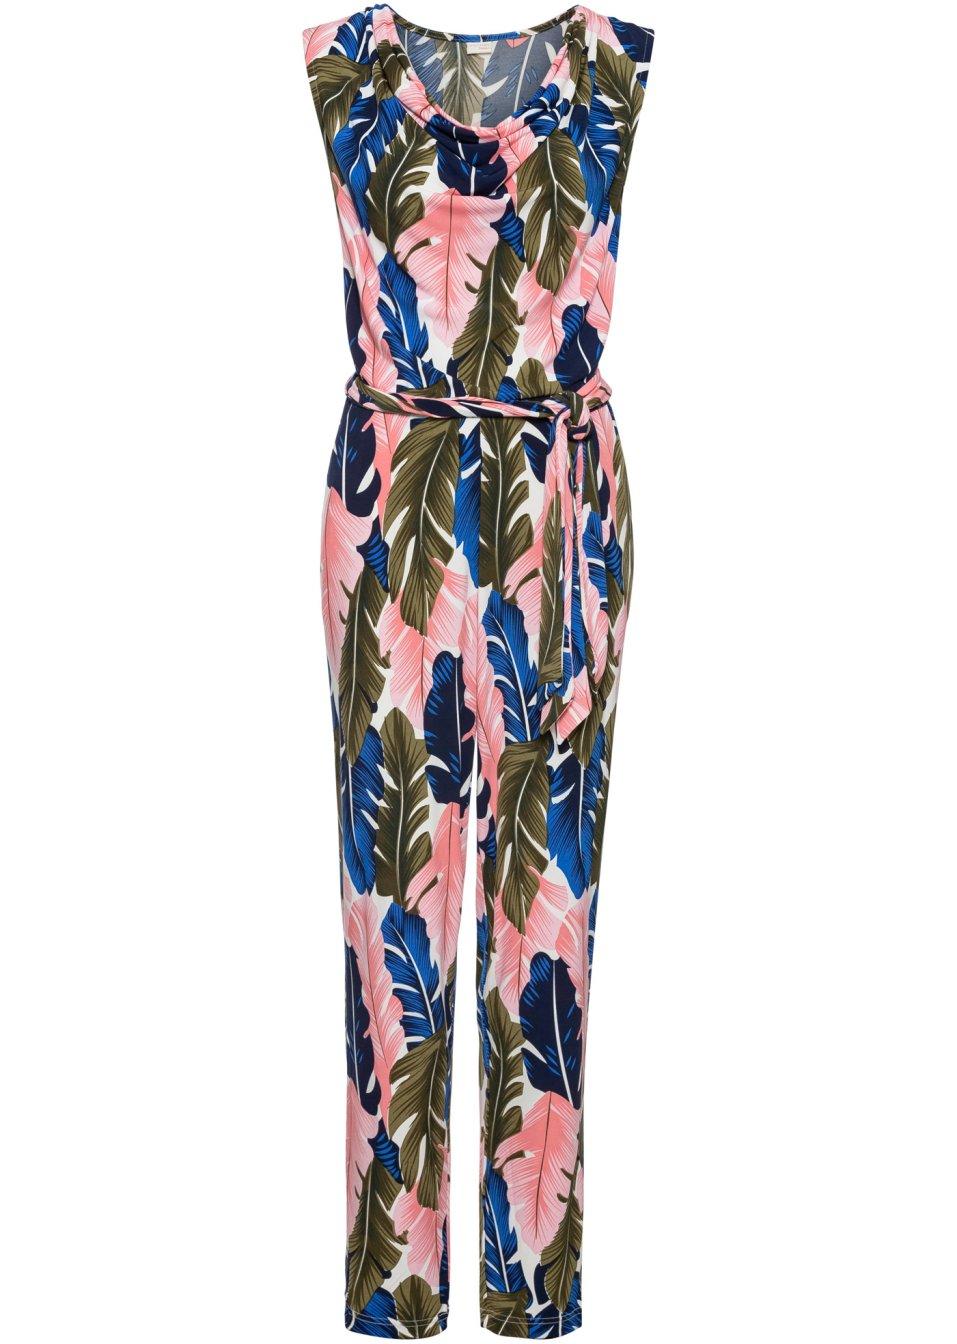 Jumpsuit Wasserfallausschnitt rosa/blau/grün bunt bedruckt - Damen - BODYFLIRT boutique - bonprix.de fbLgy kdZEs